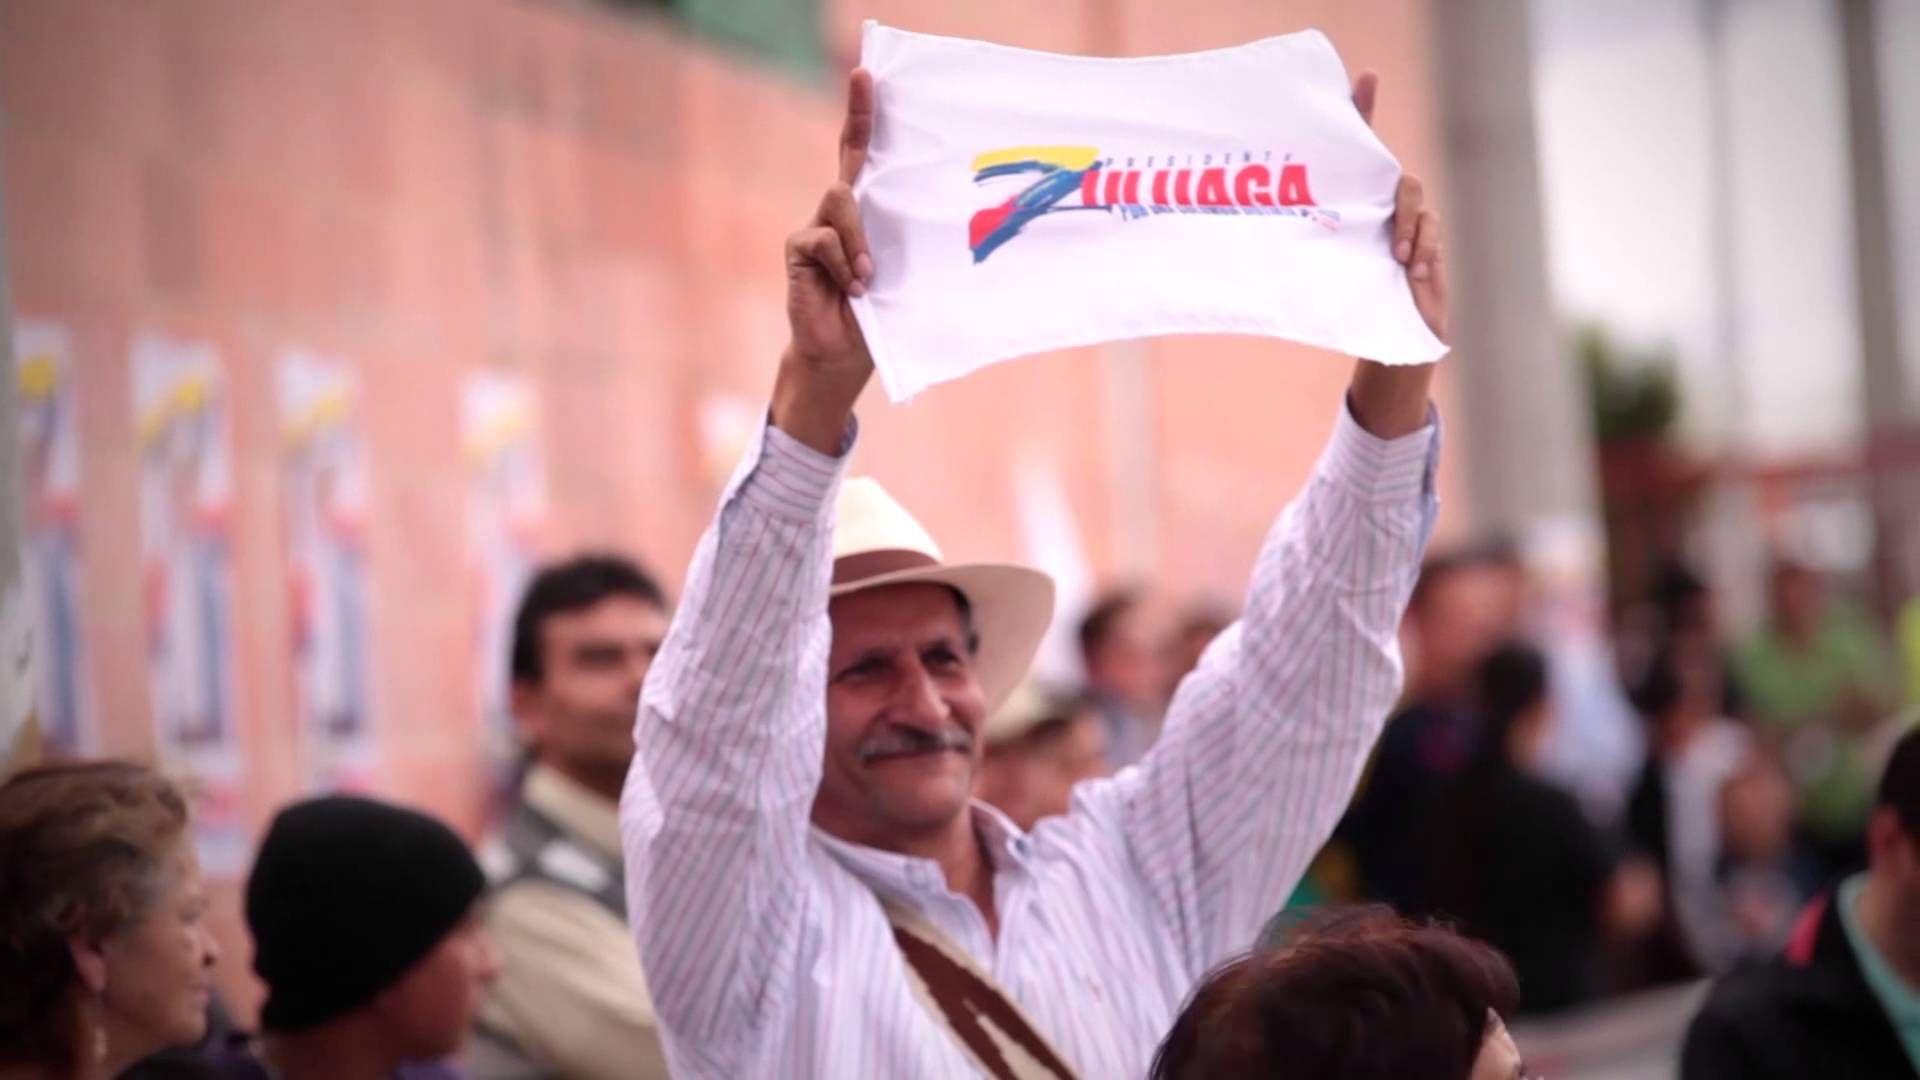 Toda Colombia quiere a Zuluaga Presidente